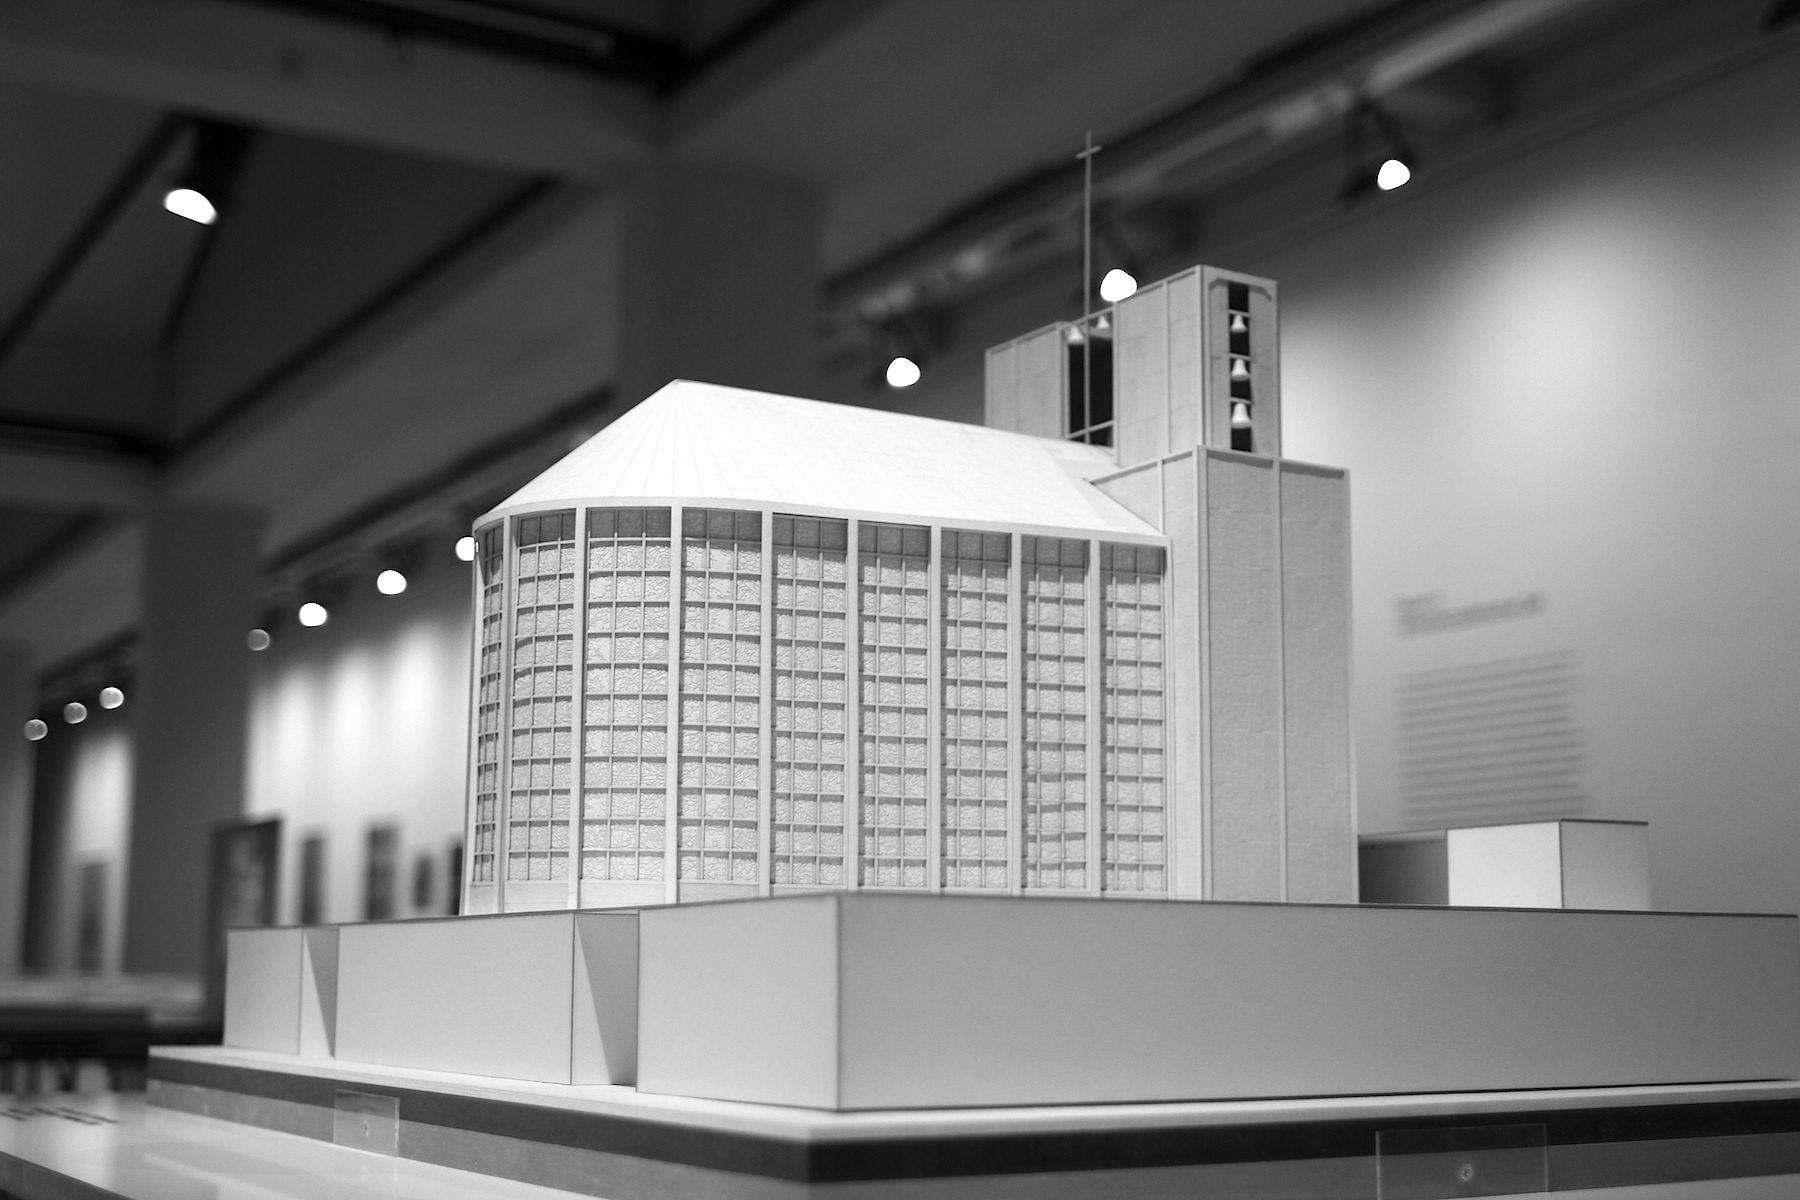 Himmelsbauten berlin deutschland the link stadt for Technische universitat berlin architektur